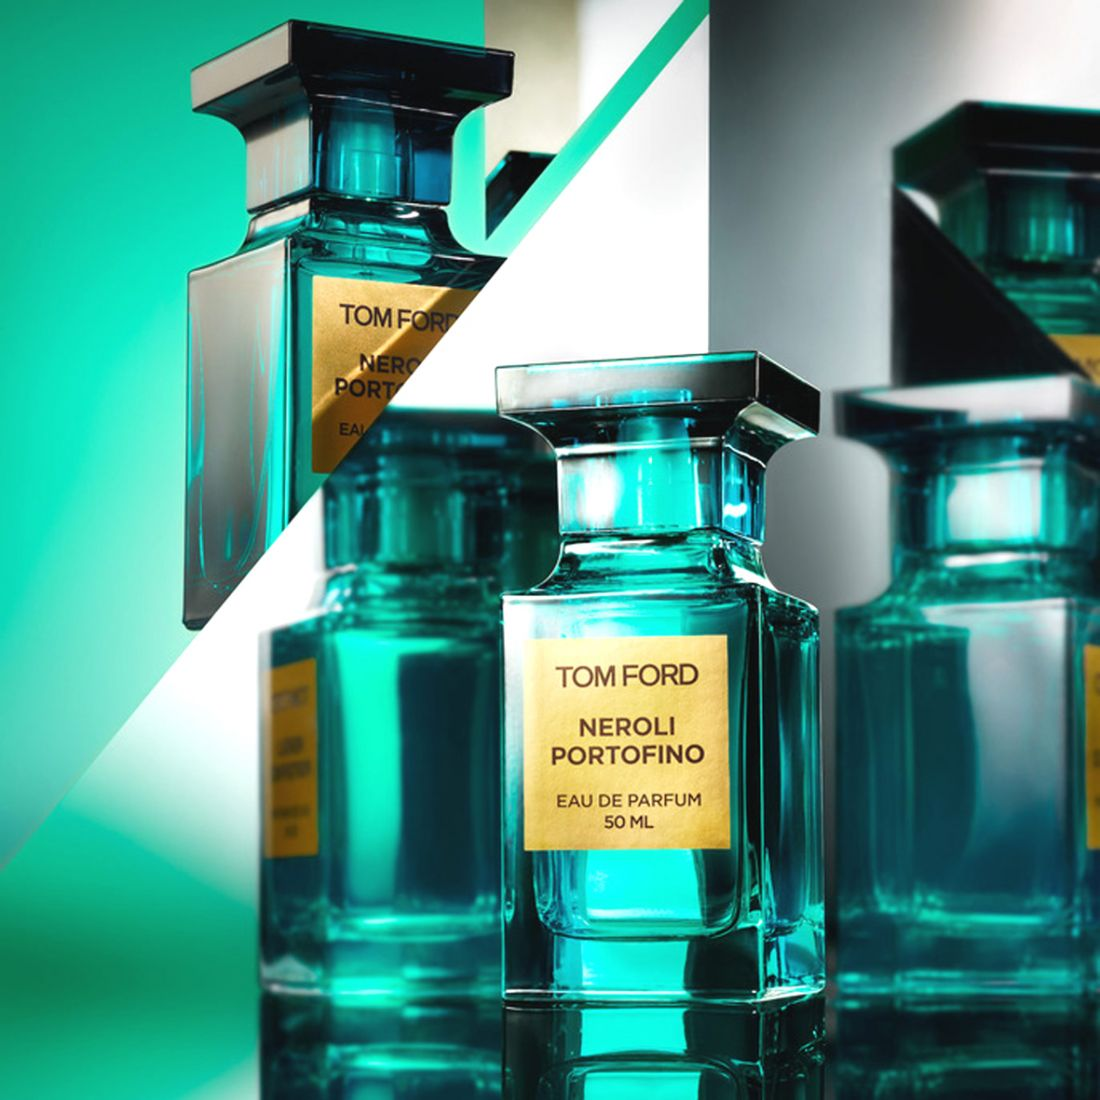 Tom Ford - Neroli Portofino, 50 ml